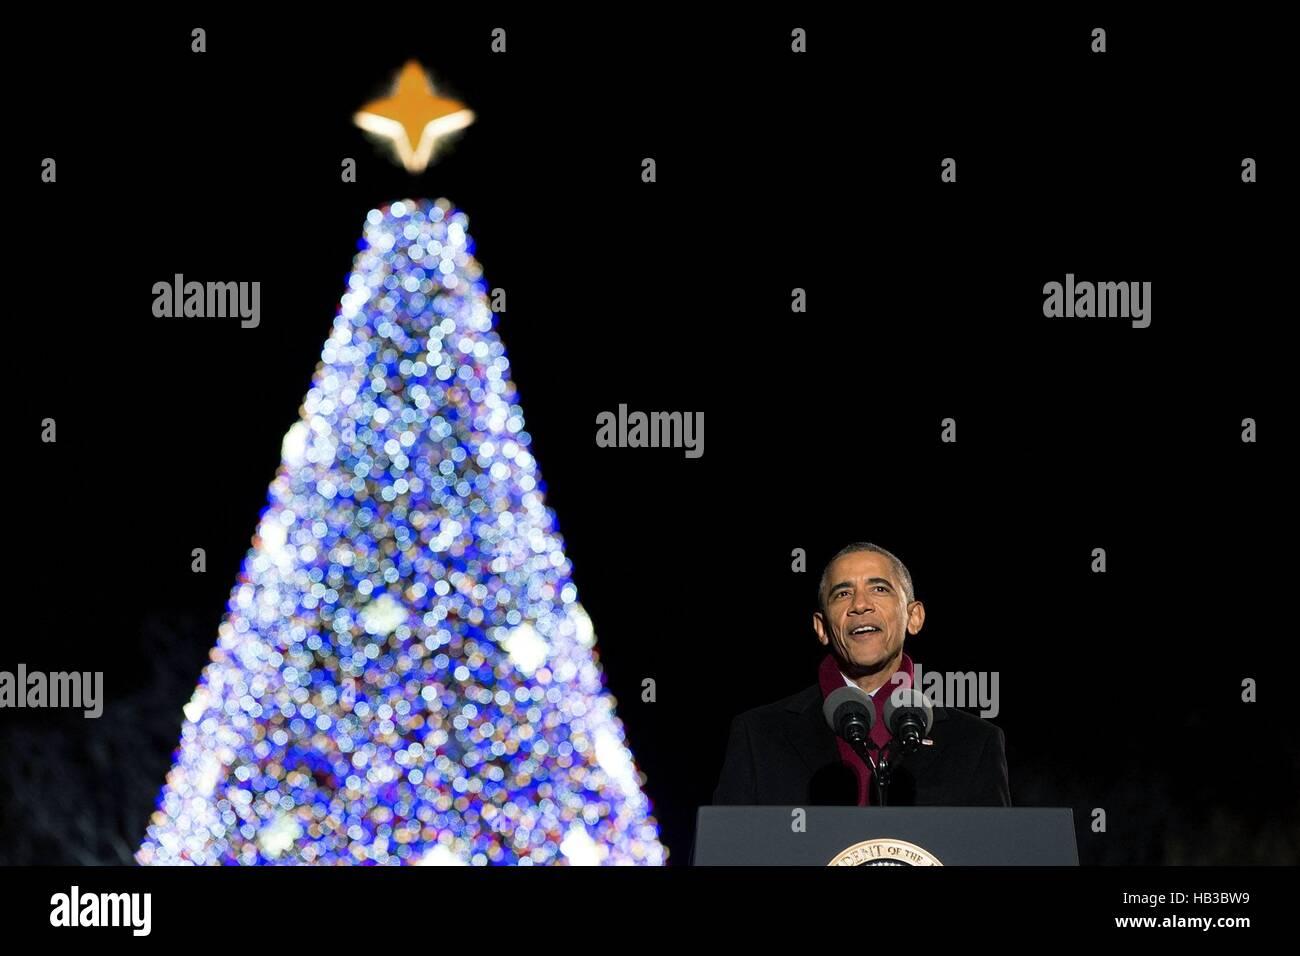 Président américain Barack Obama prononce une allocution lors de la cérémonie d'illumination Photo Stock